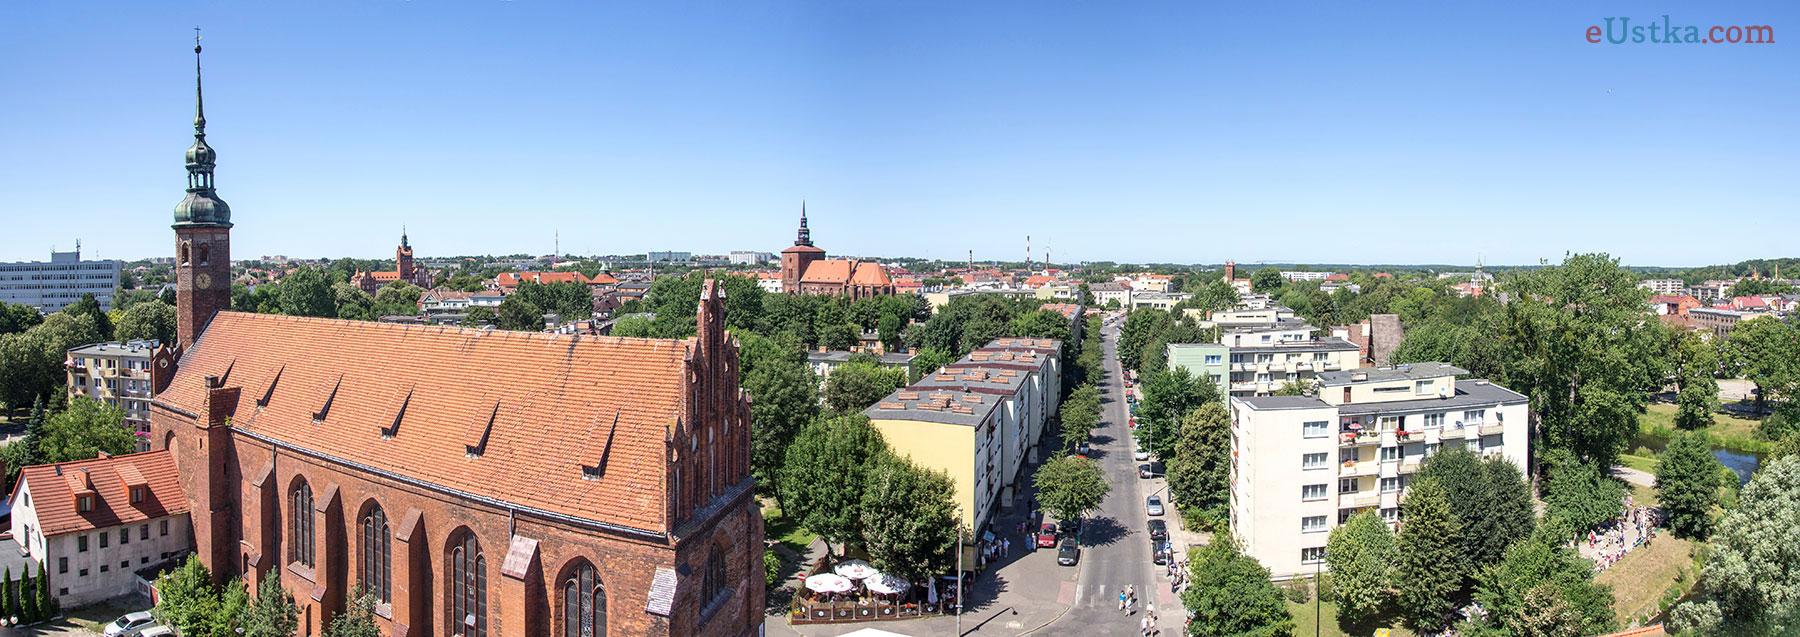 Panorama - widok z wieży zamkowej w Słupsku